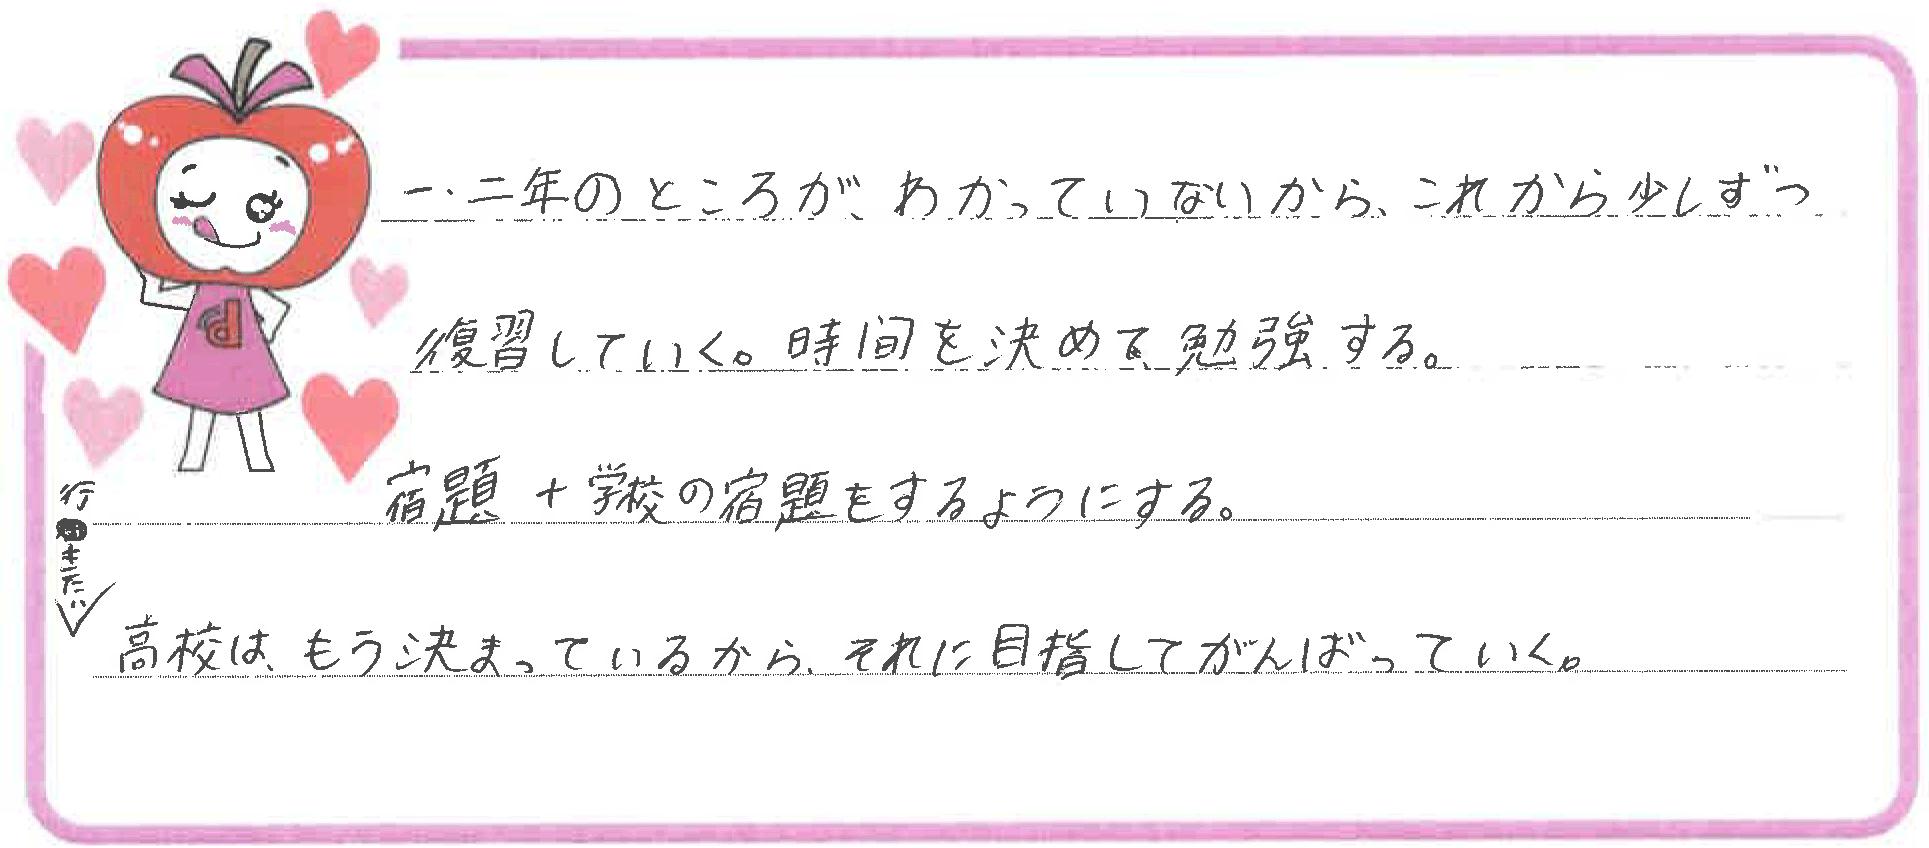 Nちゃん(鳥取市)からの口コミ